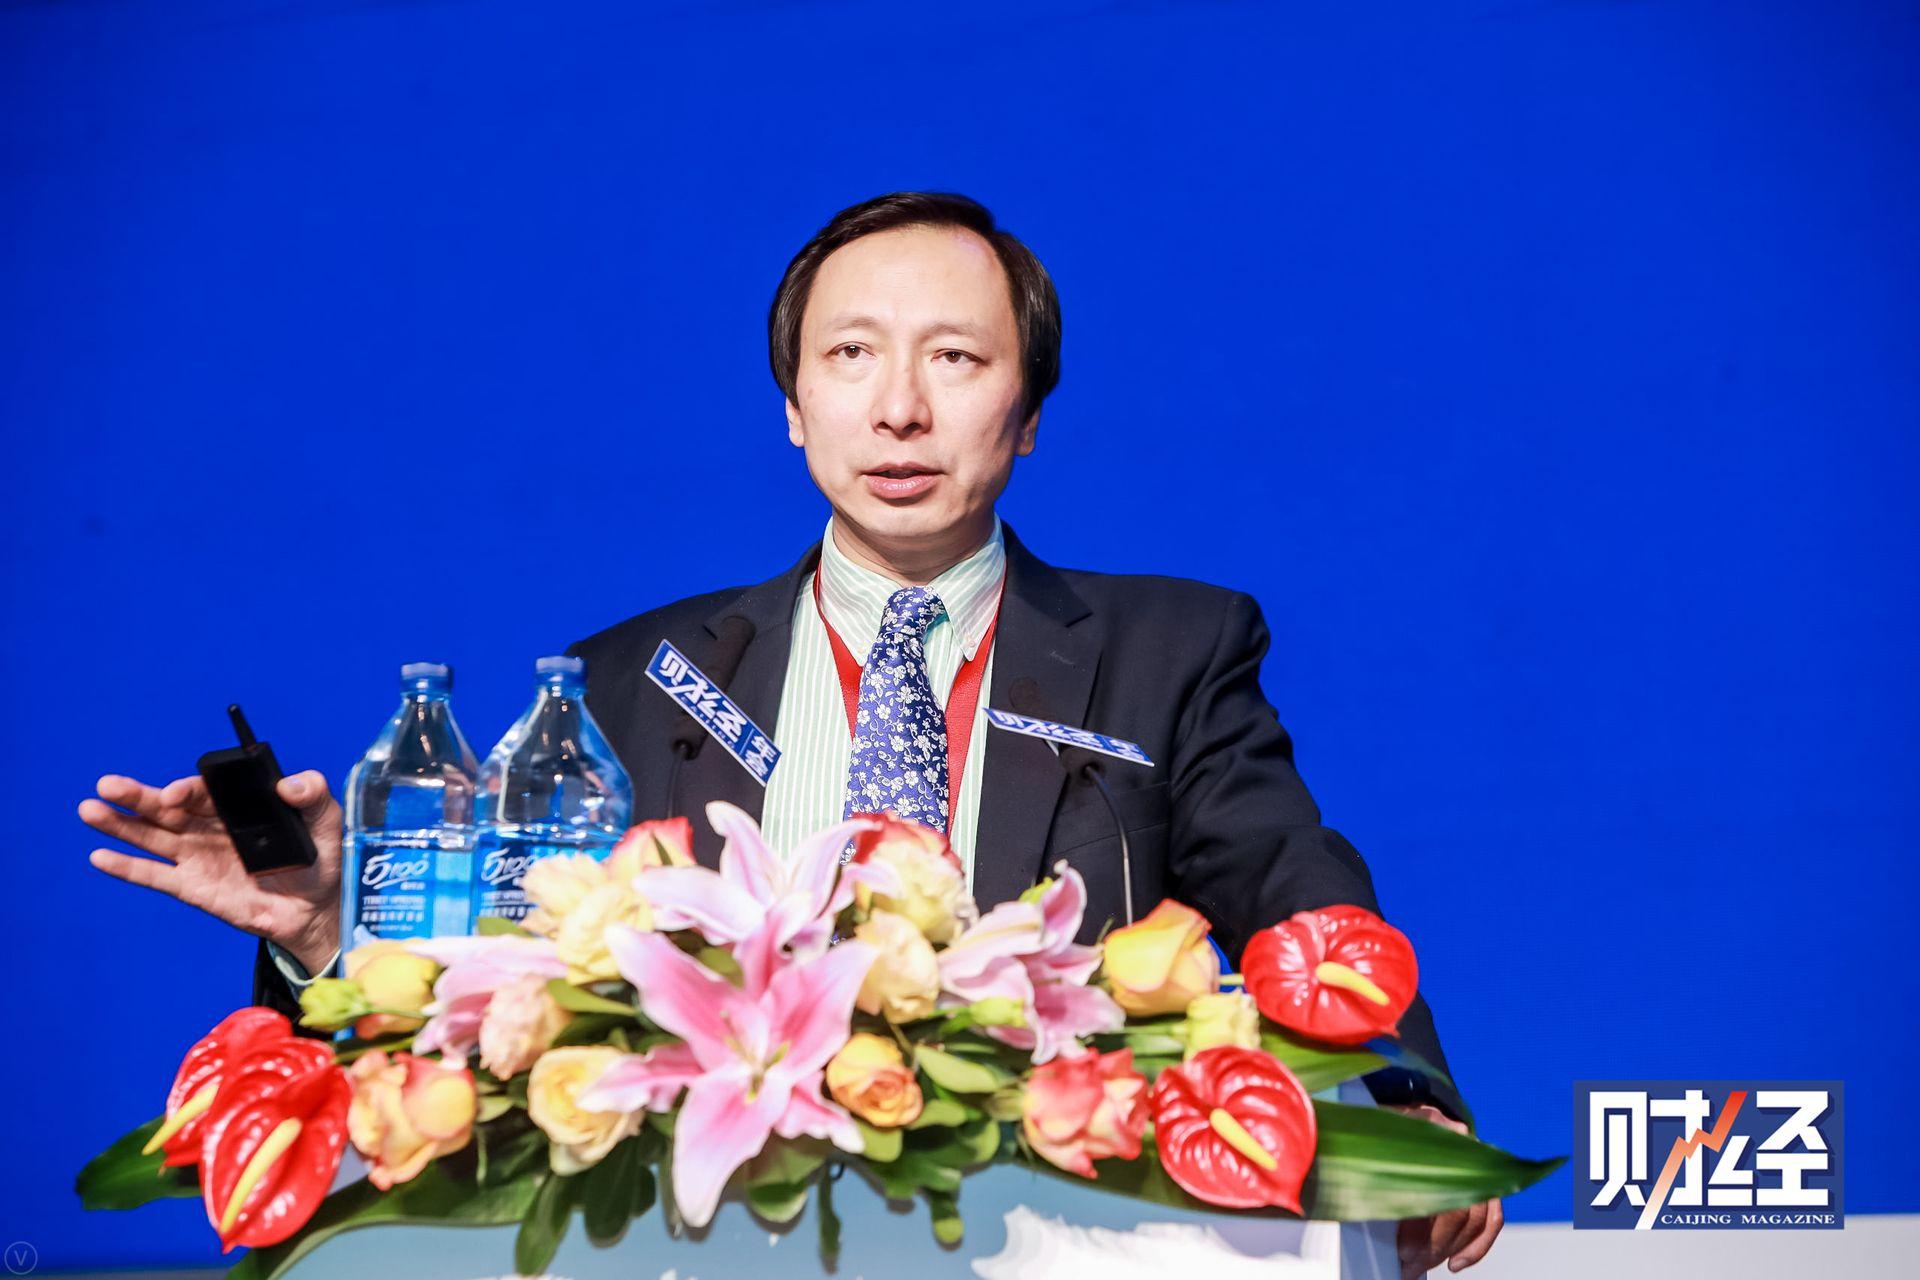 魏尚进:政府应该考虑临时性减税,将竞争中性作为治理经济重要原则